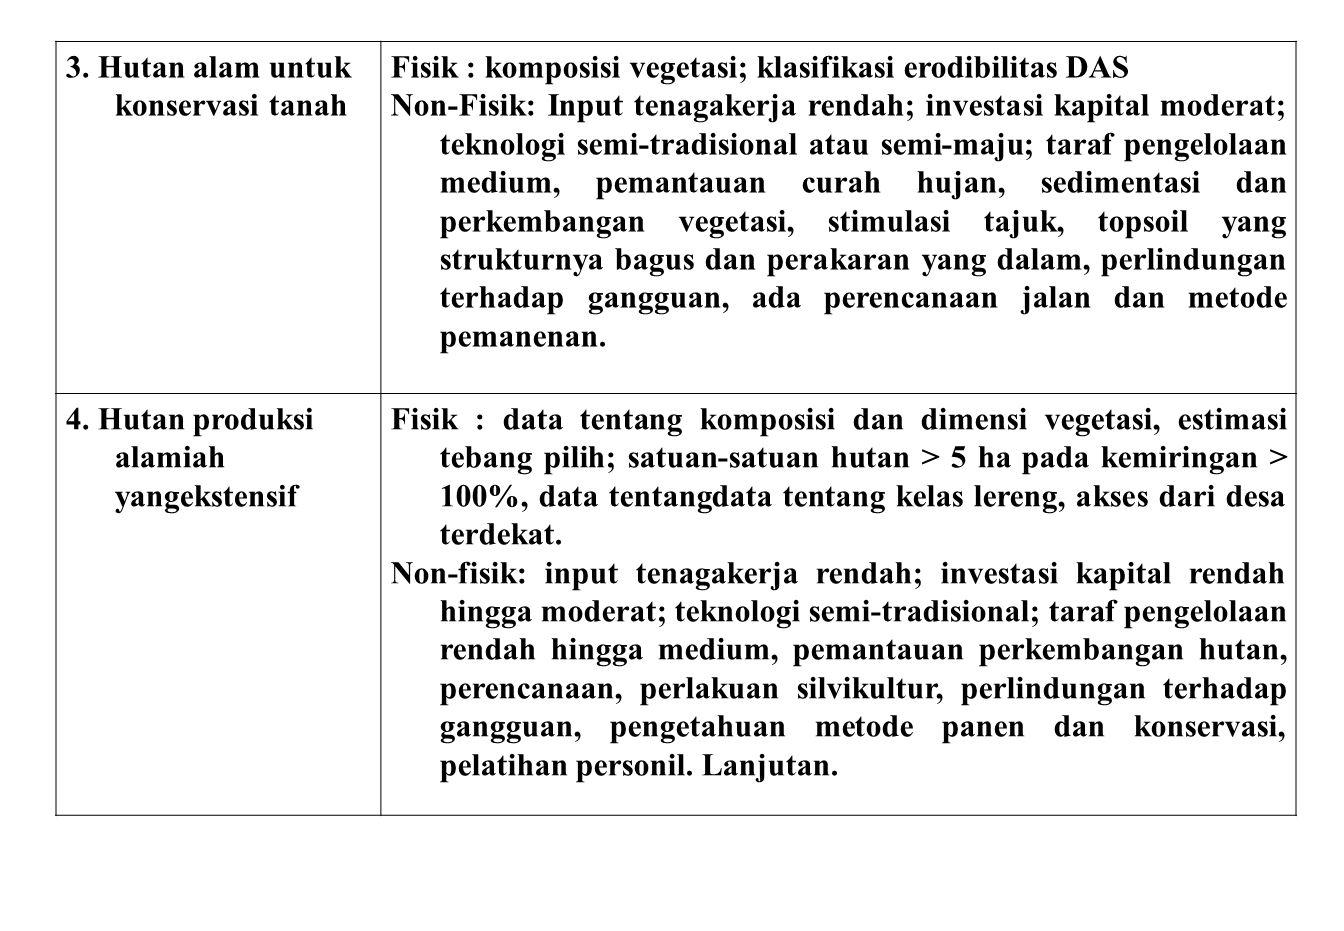 3. Hutan alam untuk konservasi tanah Fisik : komposisi vegetasi; klasifikasi erodibilitas DAS Non-Fisik: Input tenagakerja rendah; investasi kapital